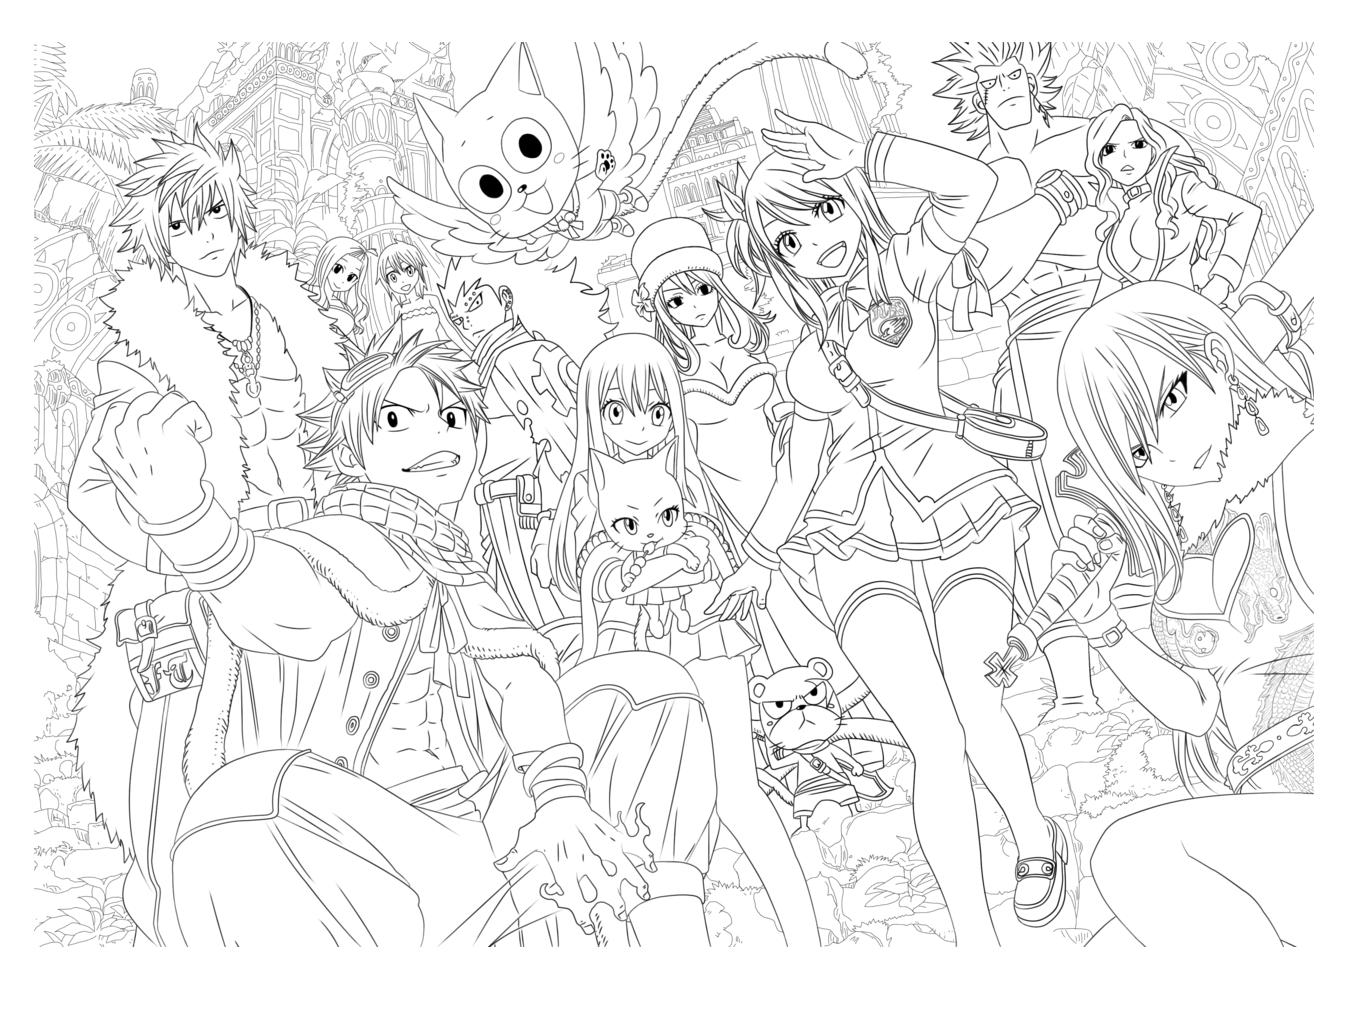 De nombreux personnages Mangas originaux, un coloriage très détailléA partir de la galerie : MangasArtiste : Tobeyd